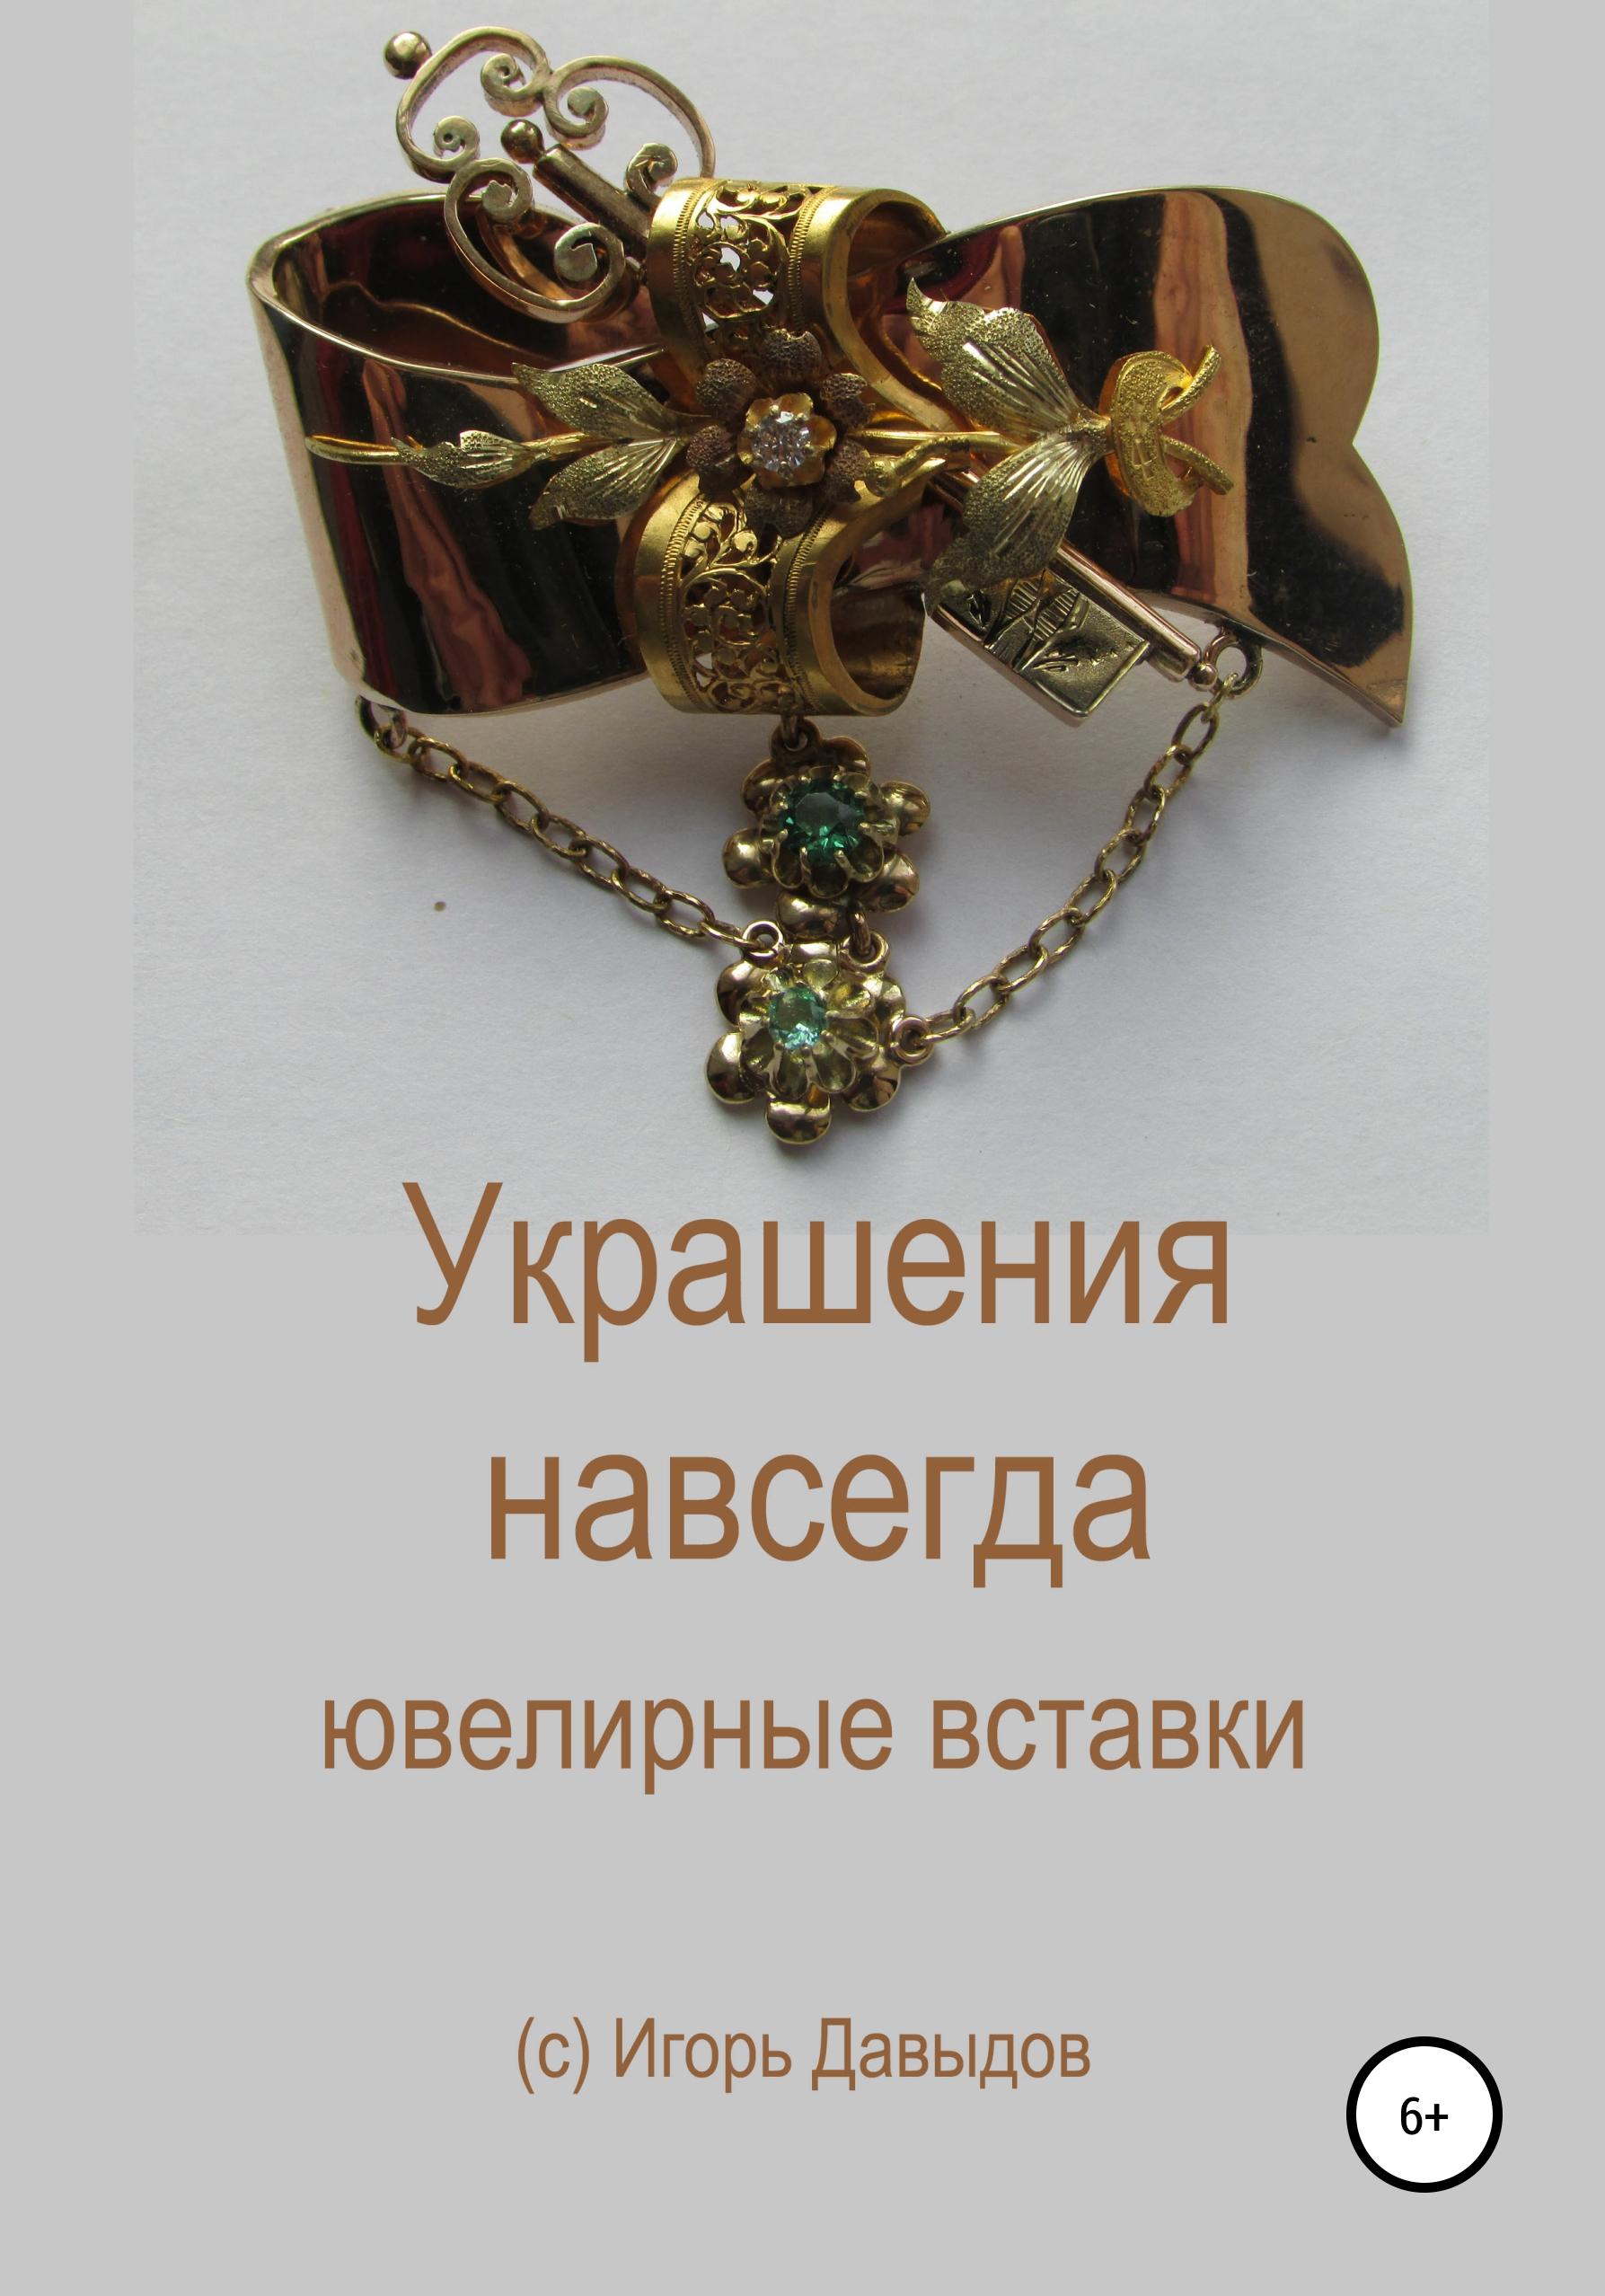 Игорь Васильевич Давыдов Украшения навсегда. Ювелирные вставки